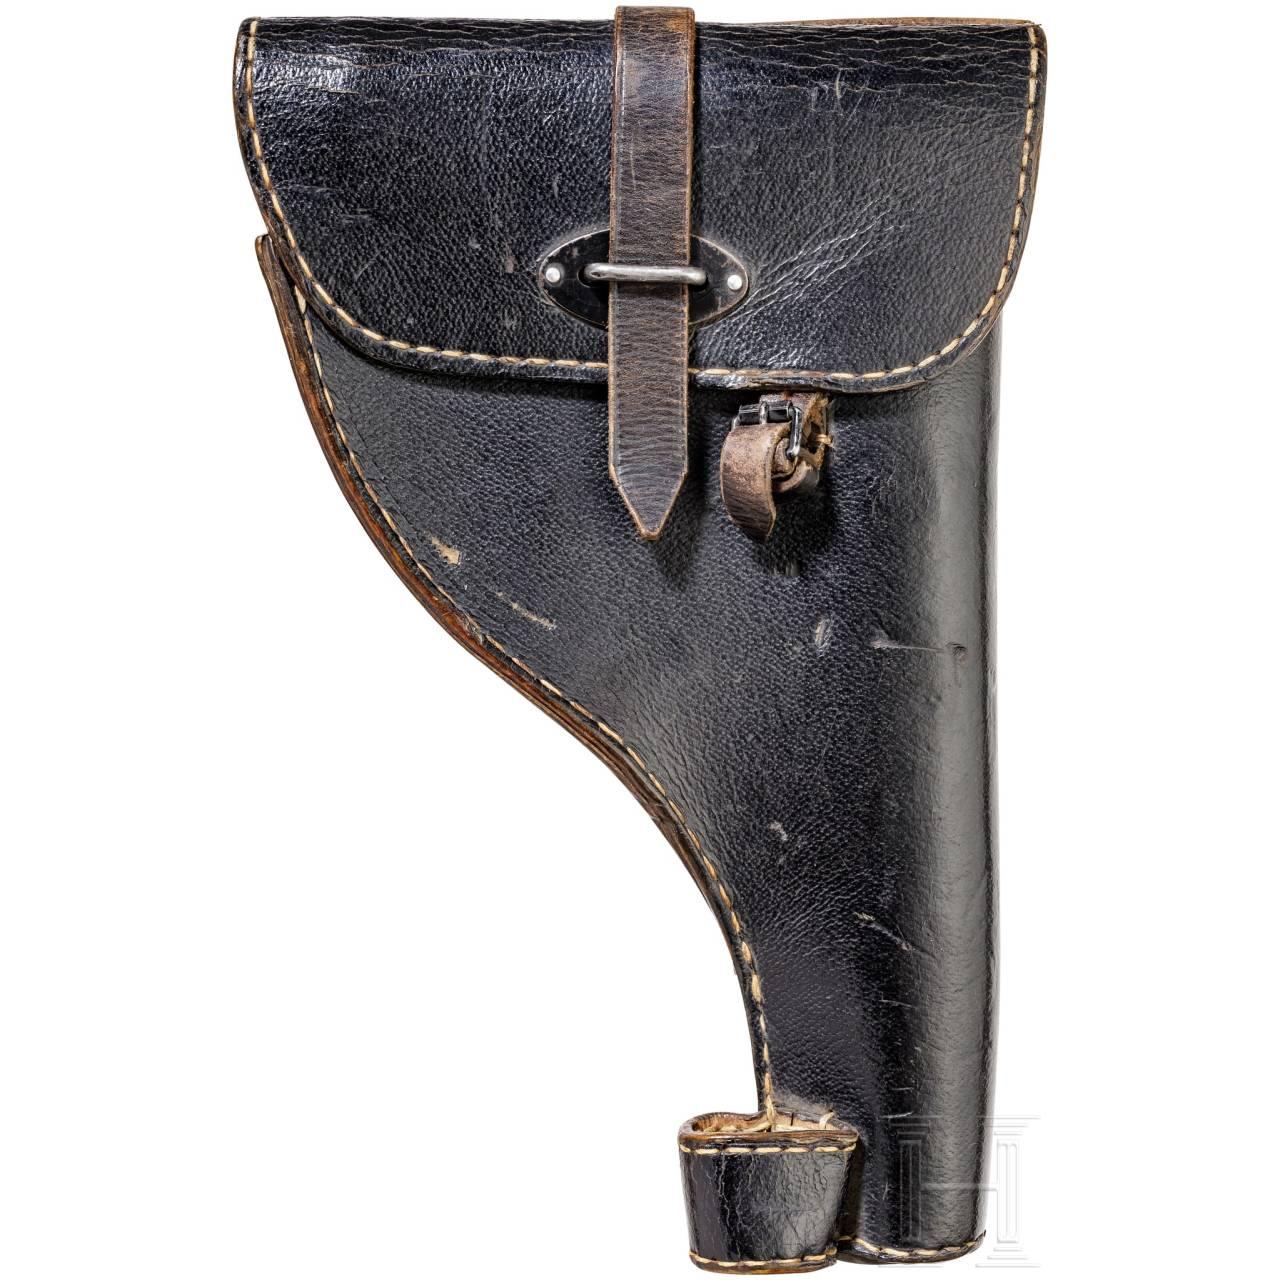 Tasche zur Leuchtpistole Walther Mod. Heer